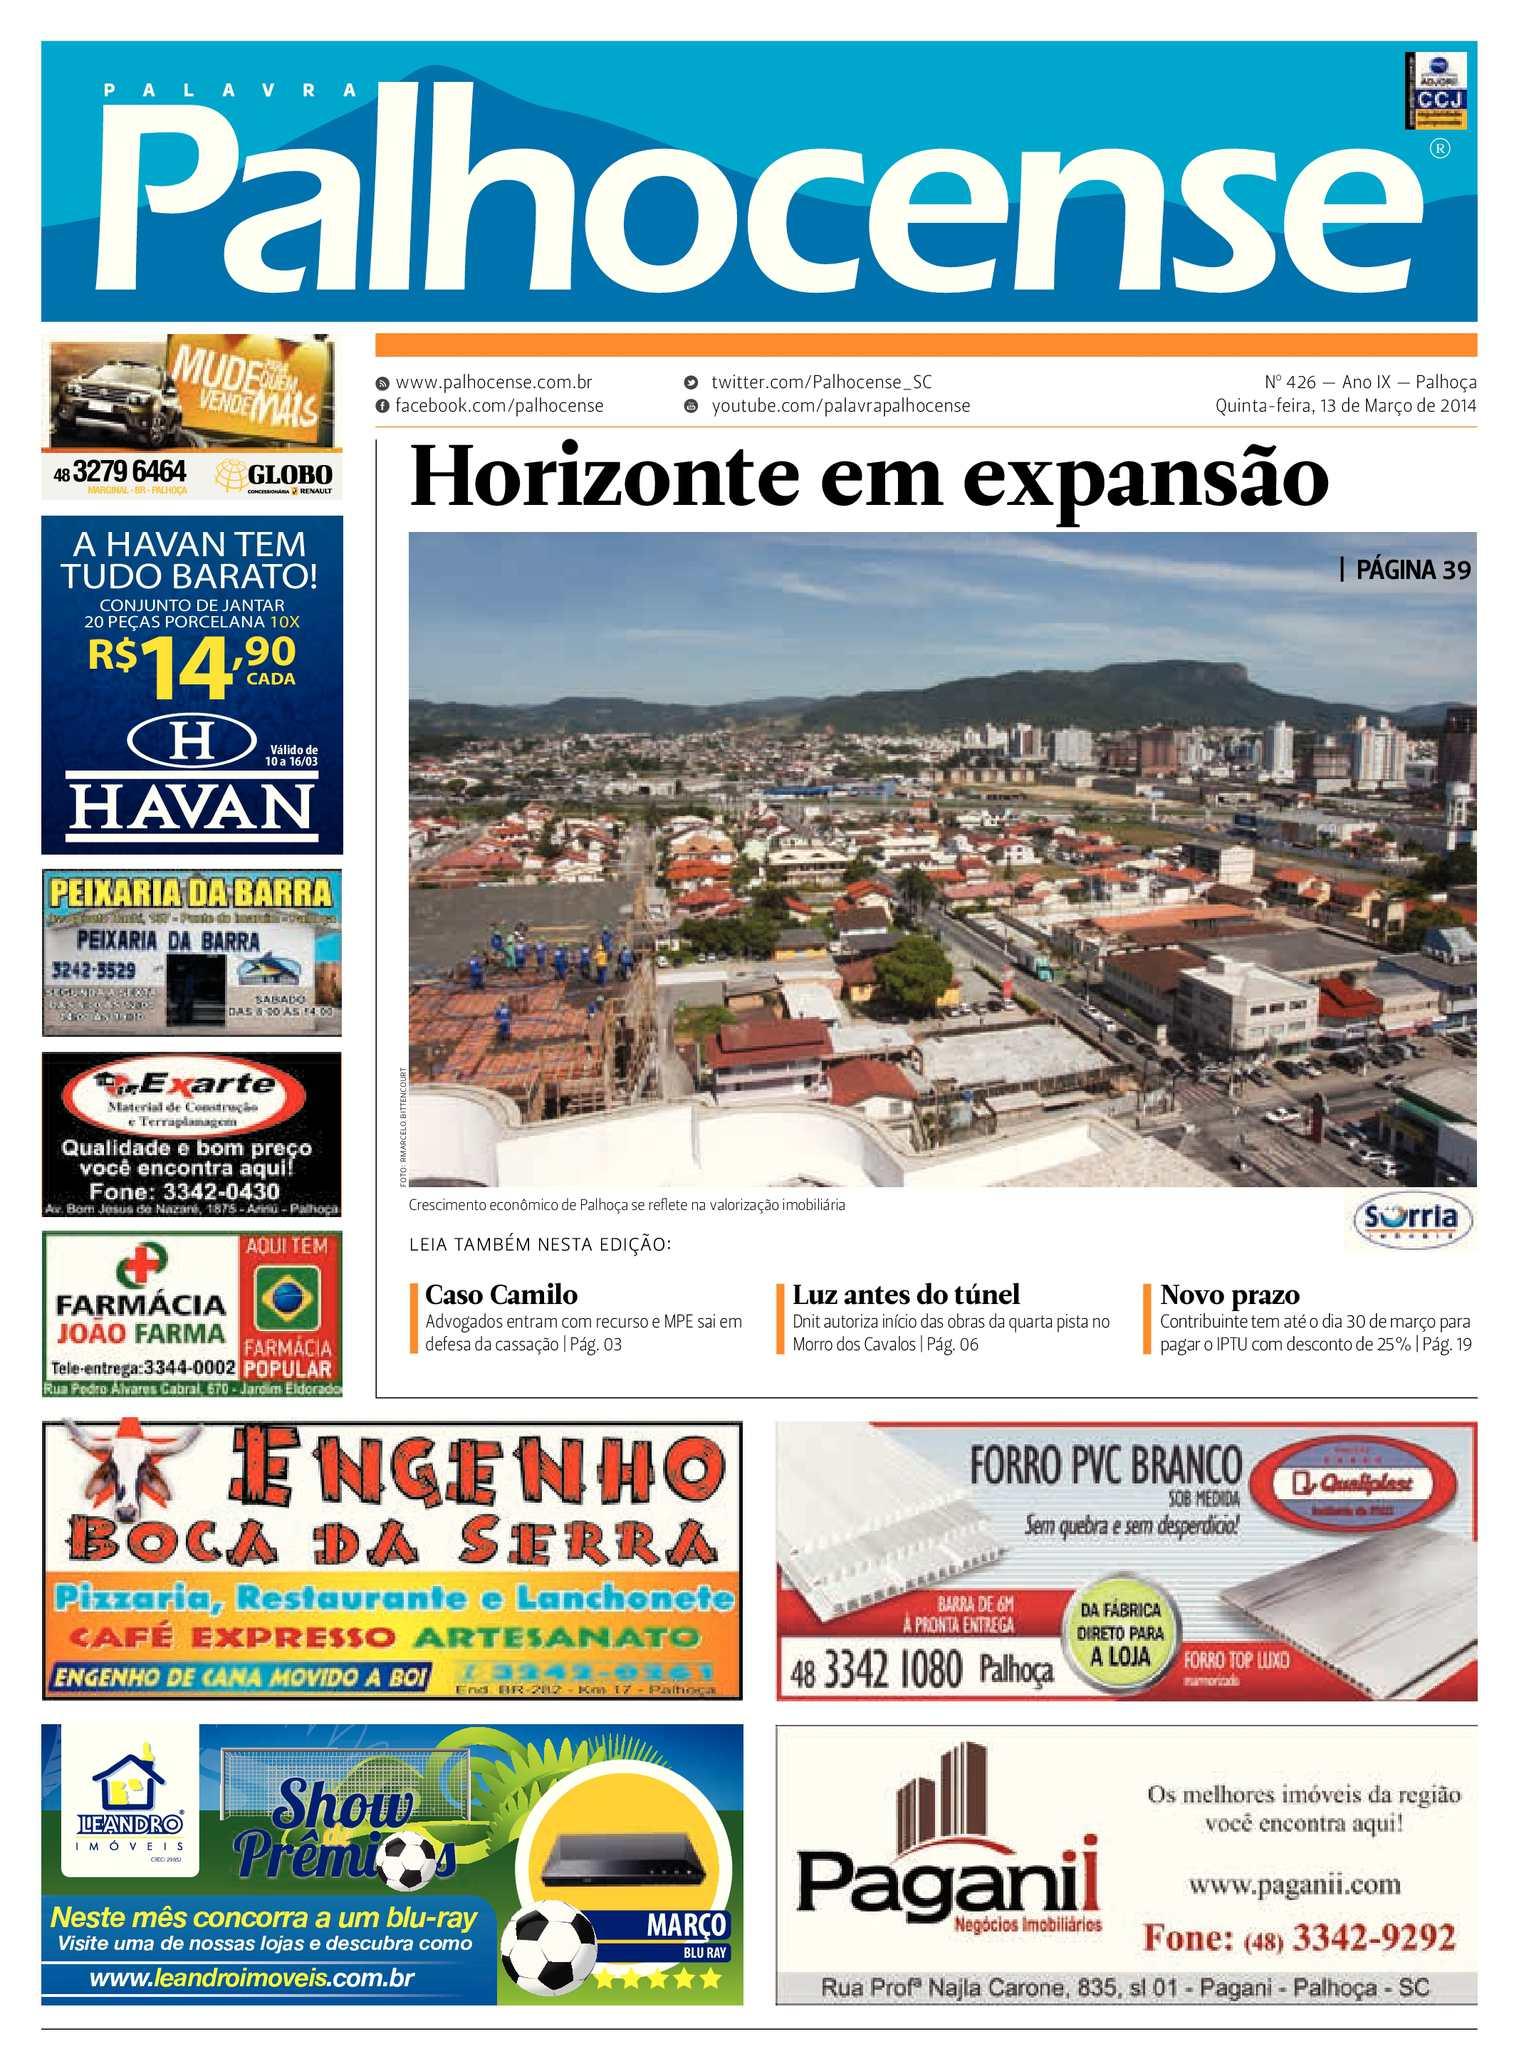 a41afa7ec9 Calaméo - Jornal Palavra Palhocense - Edição 426